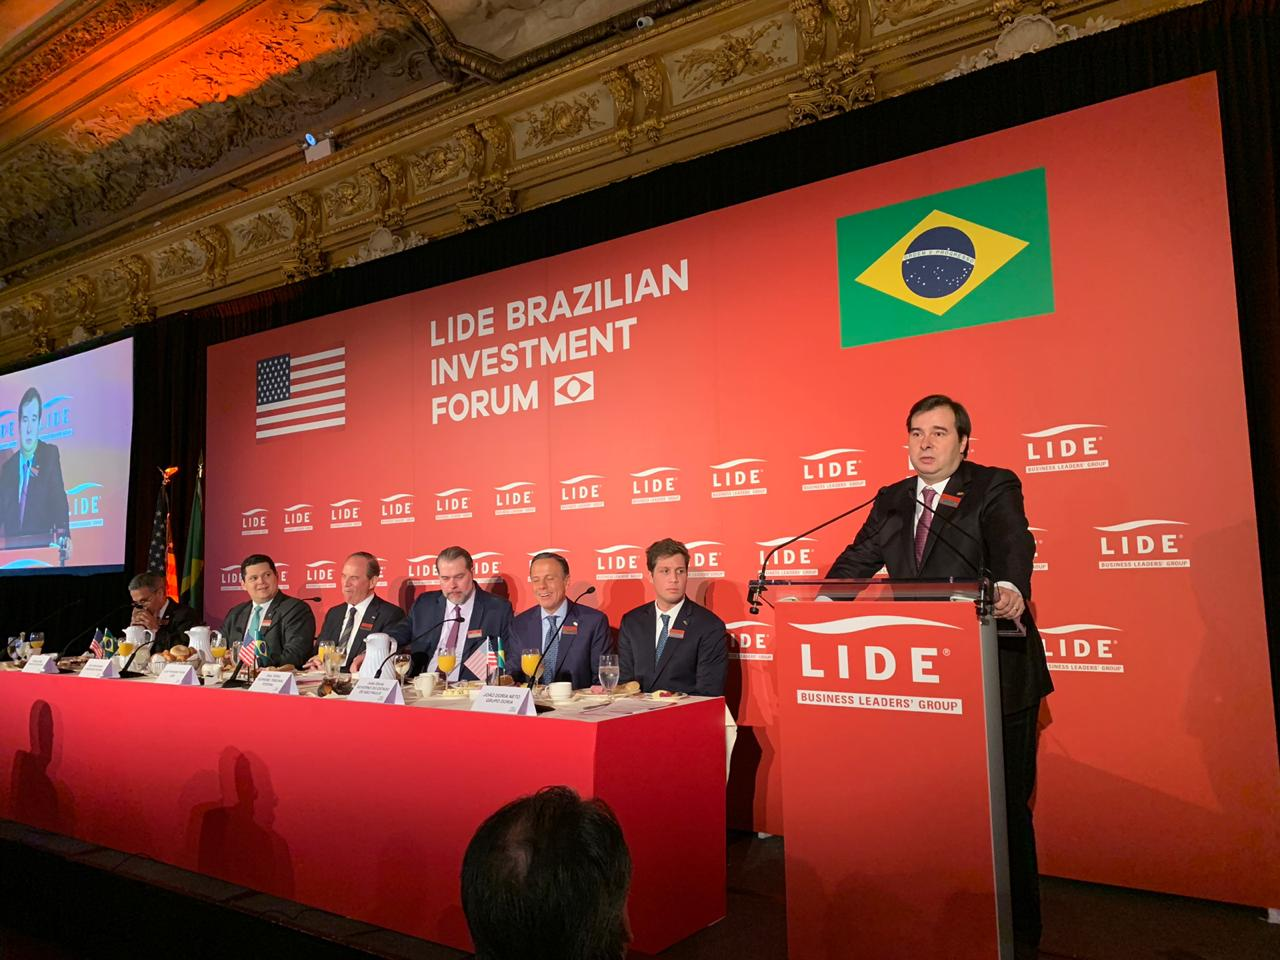 Rodrigo Maia - NY - Nova Iorque - Lide Brazilian Investiment Forum